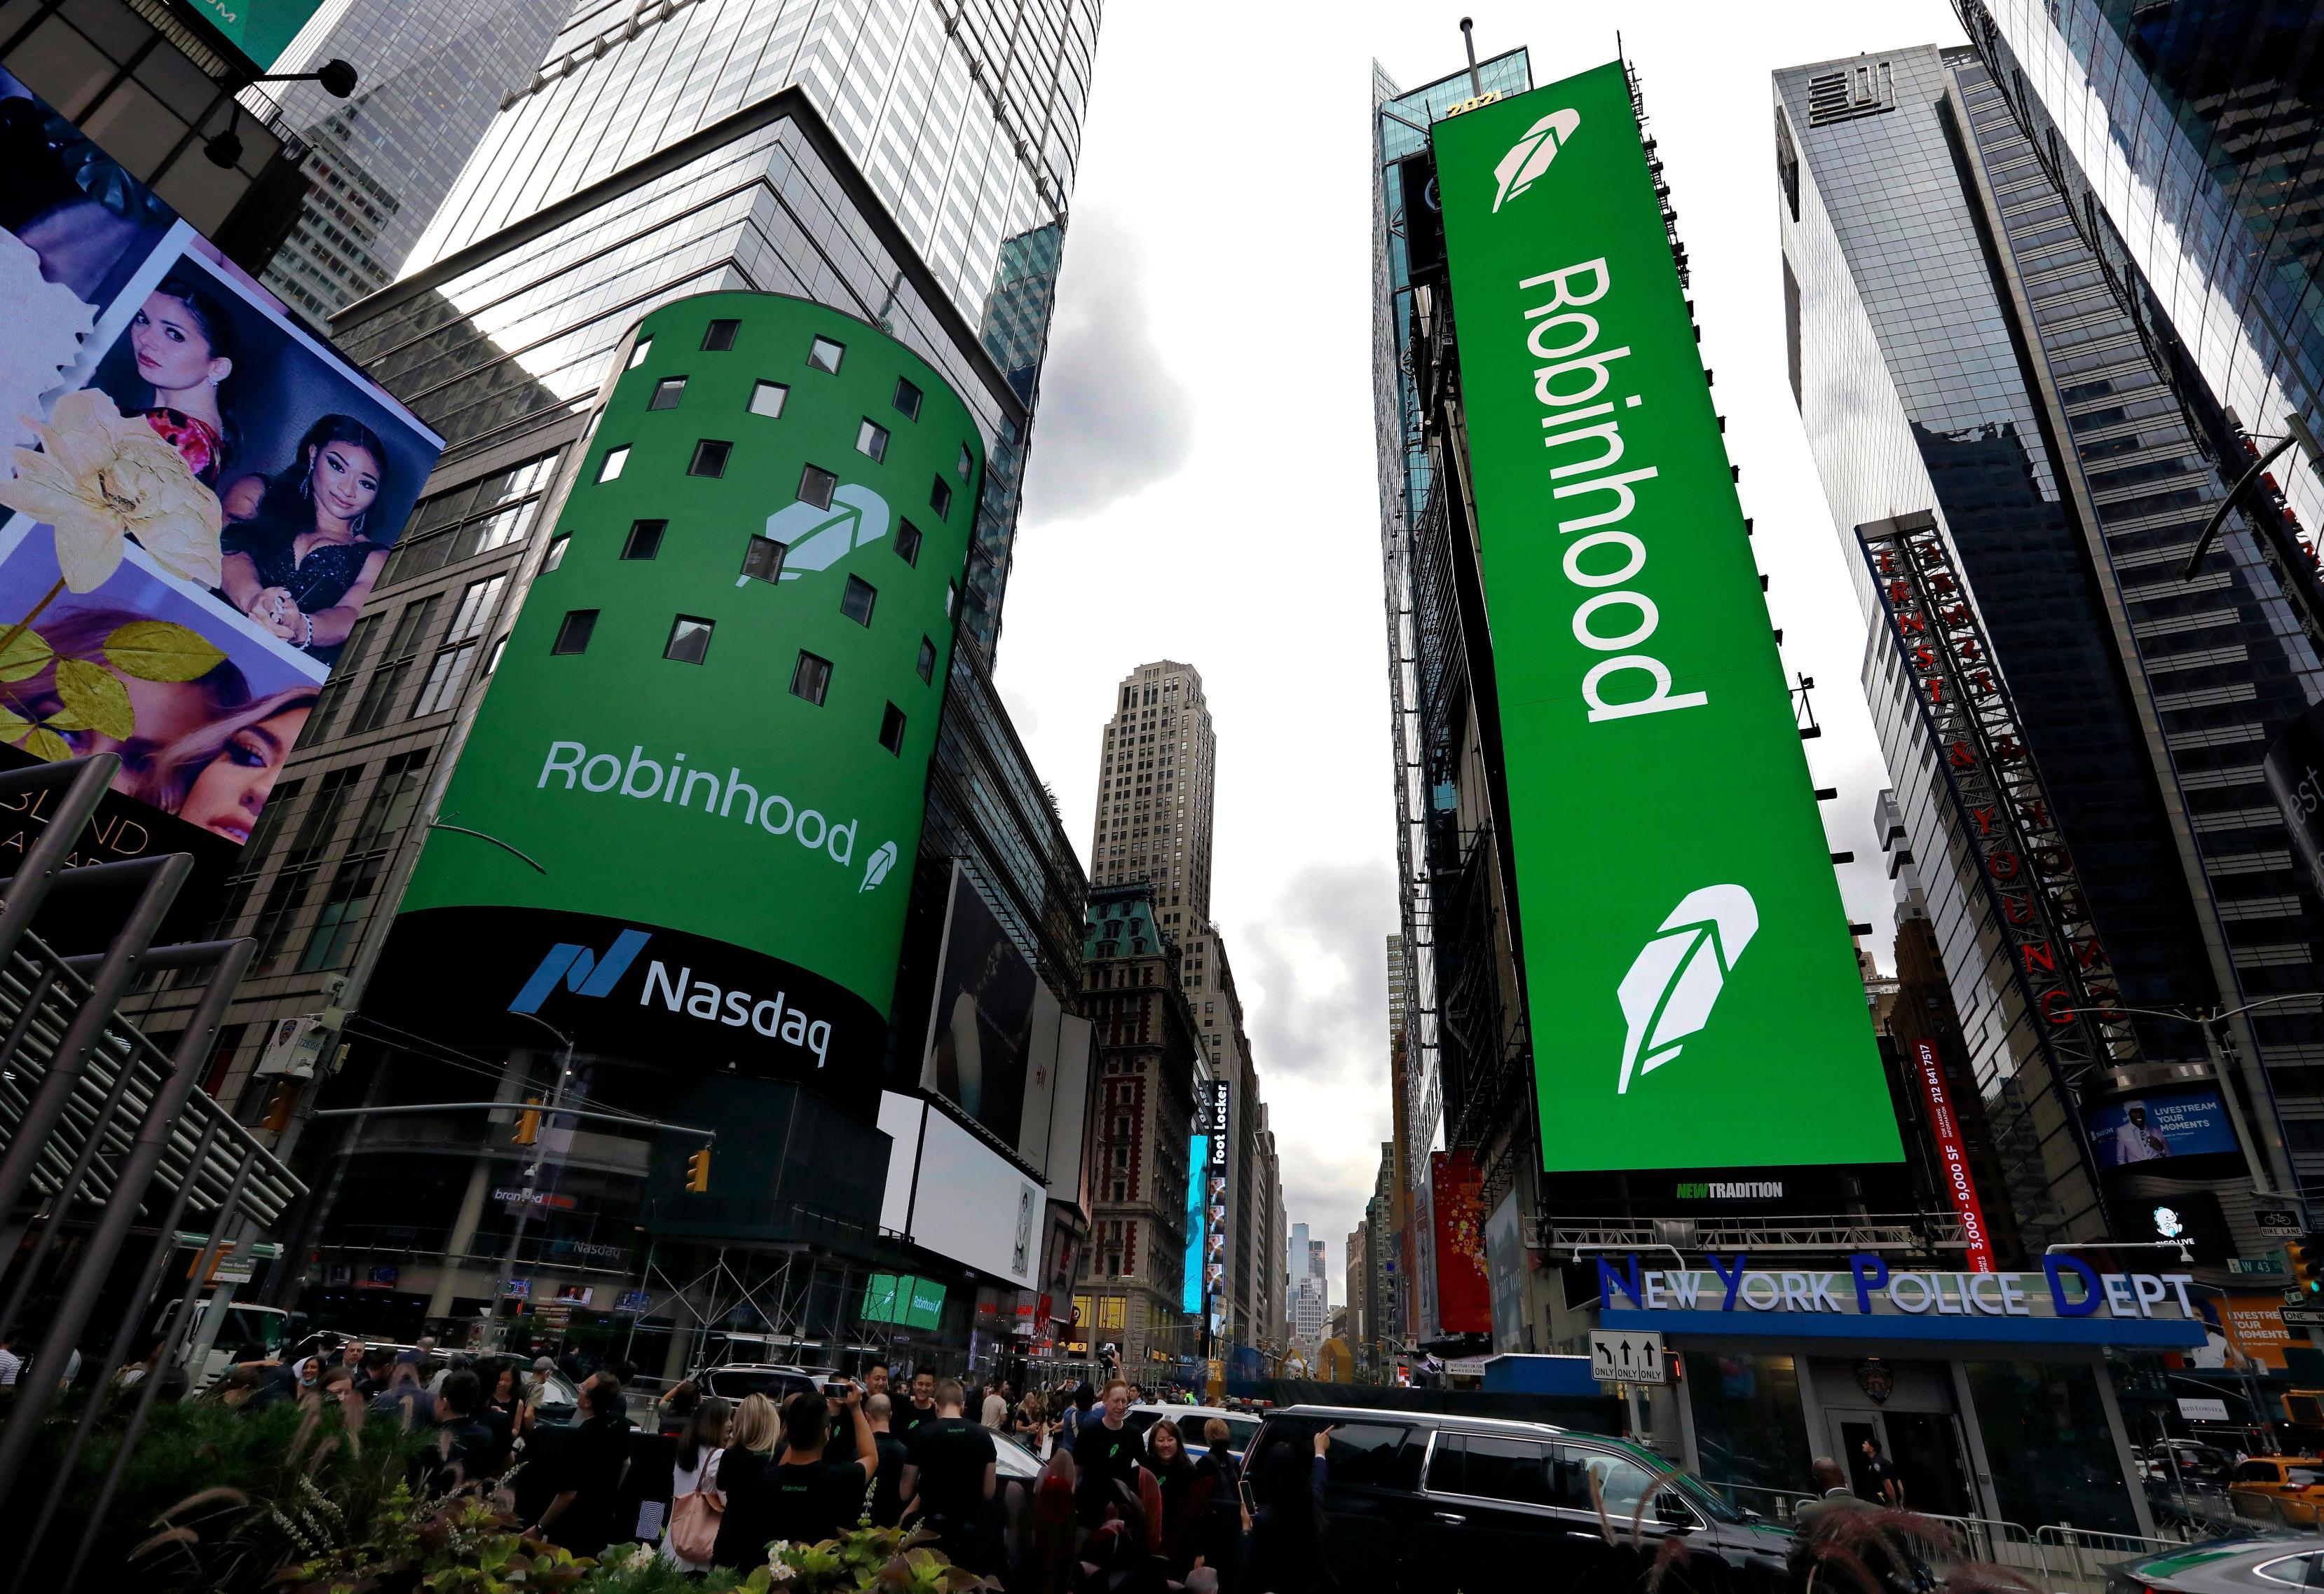 Robinhood brings the meme stock phenomenon full circle